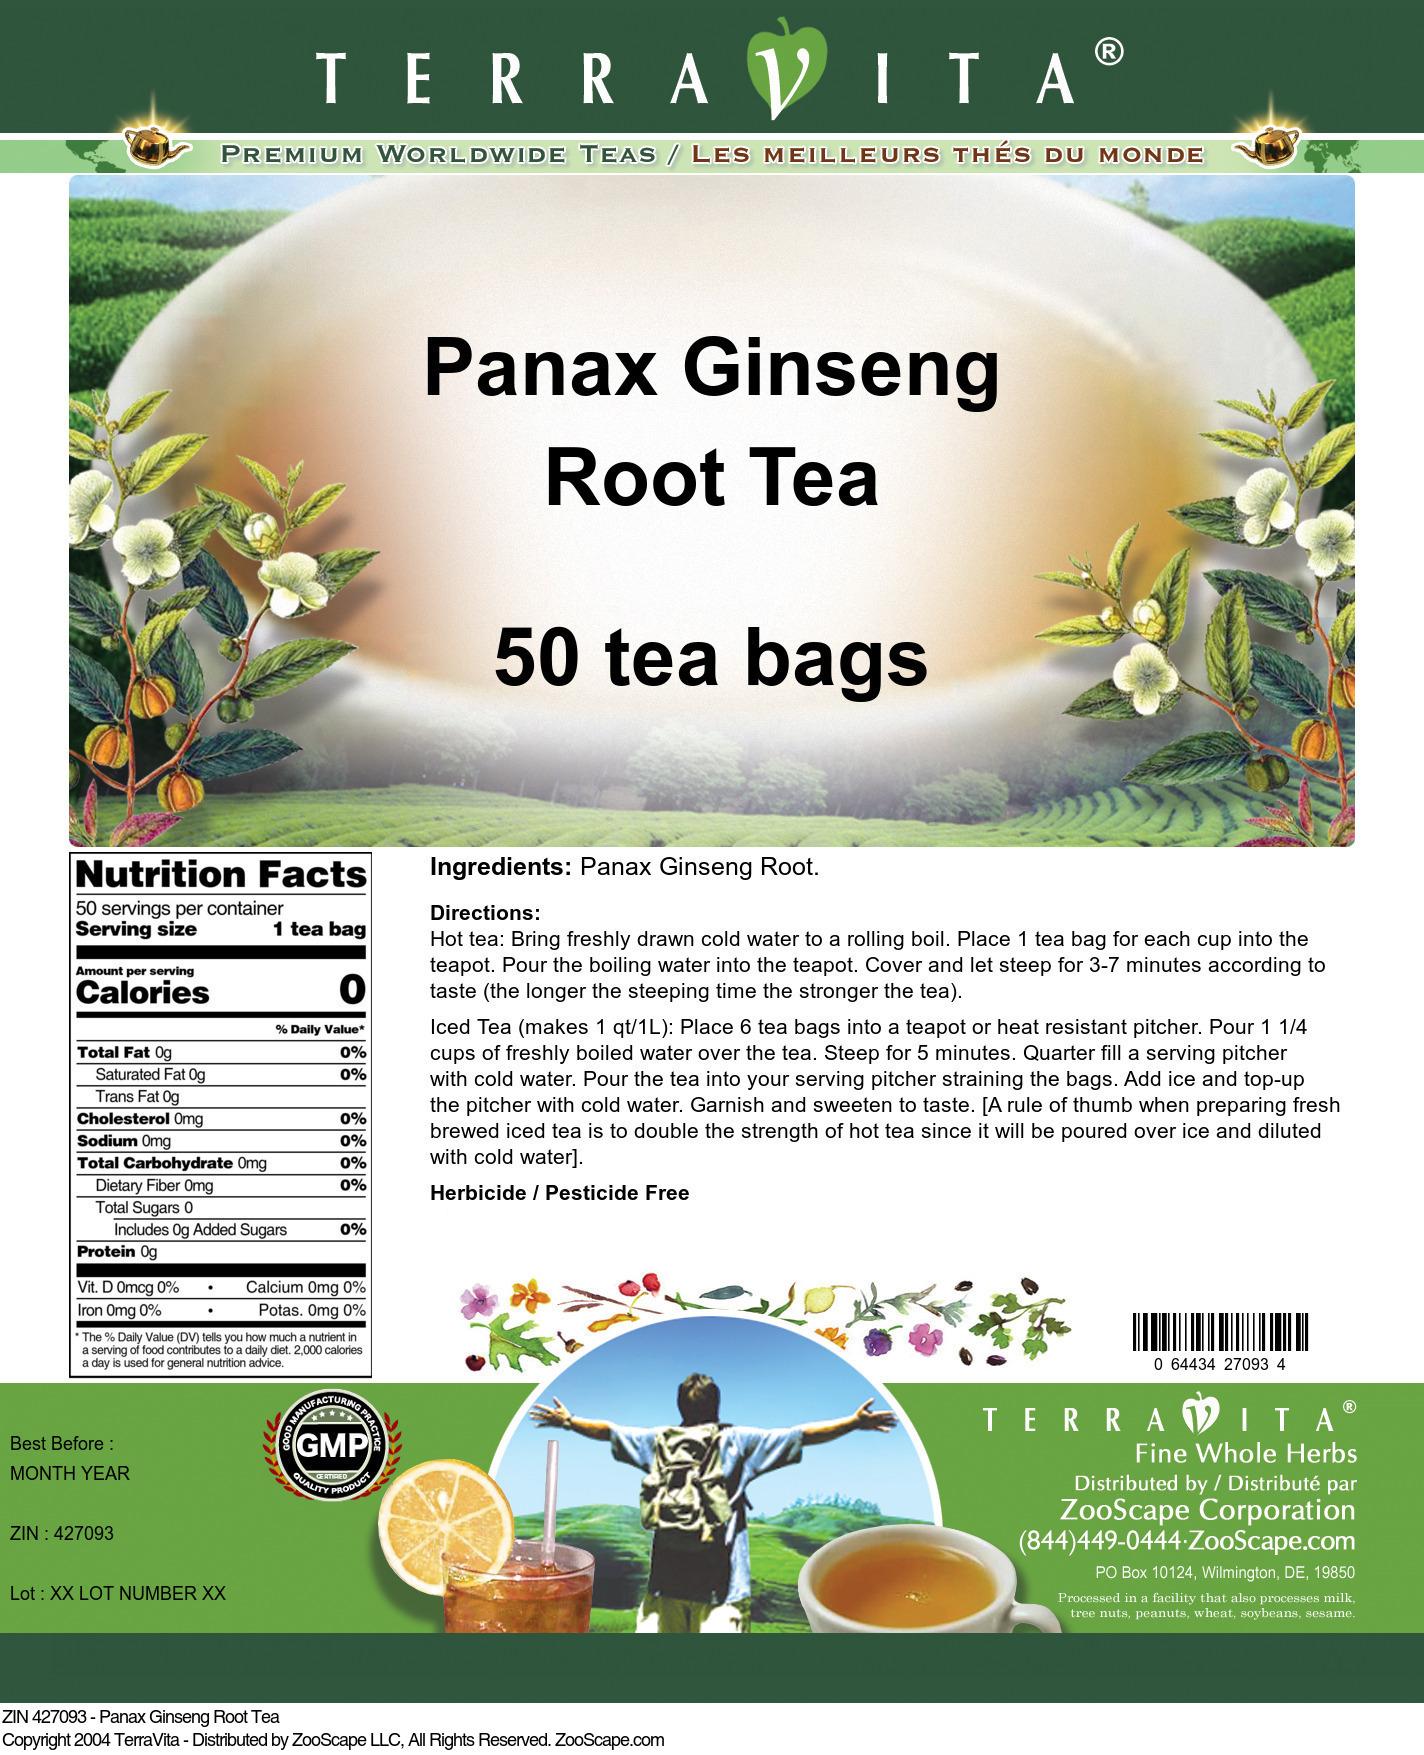 Panax Ginseng Root Tea